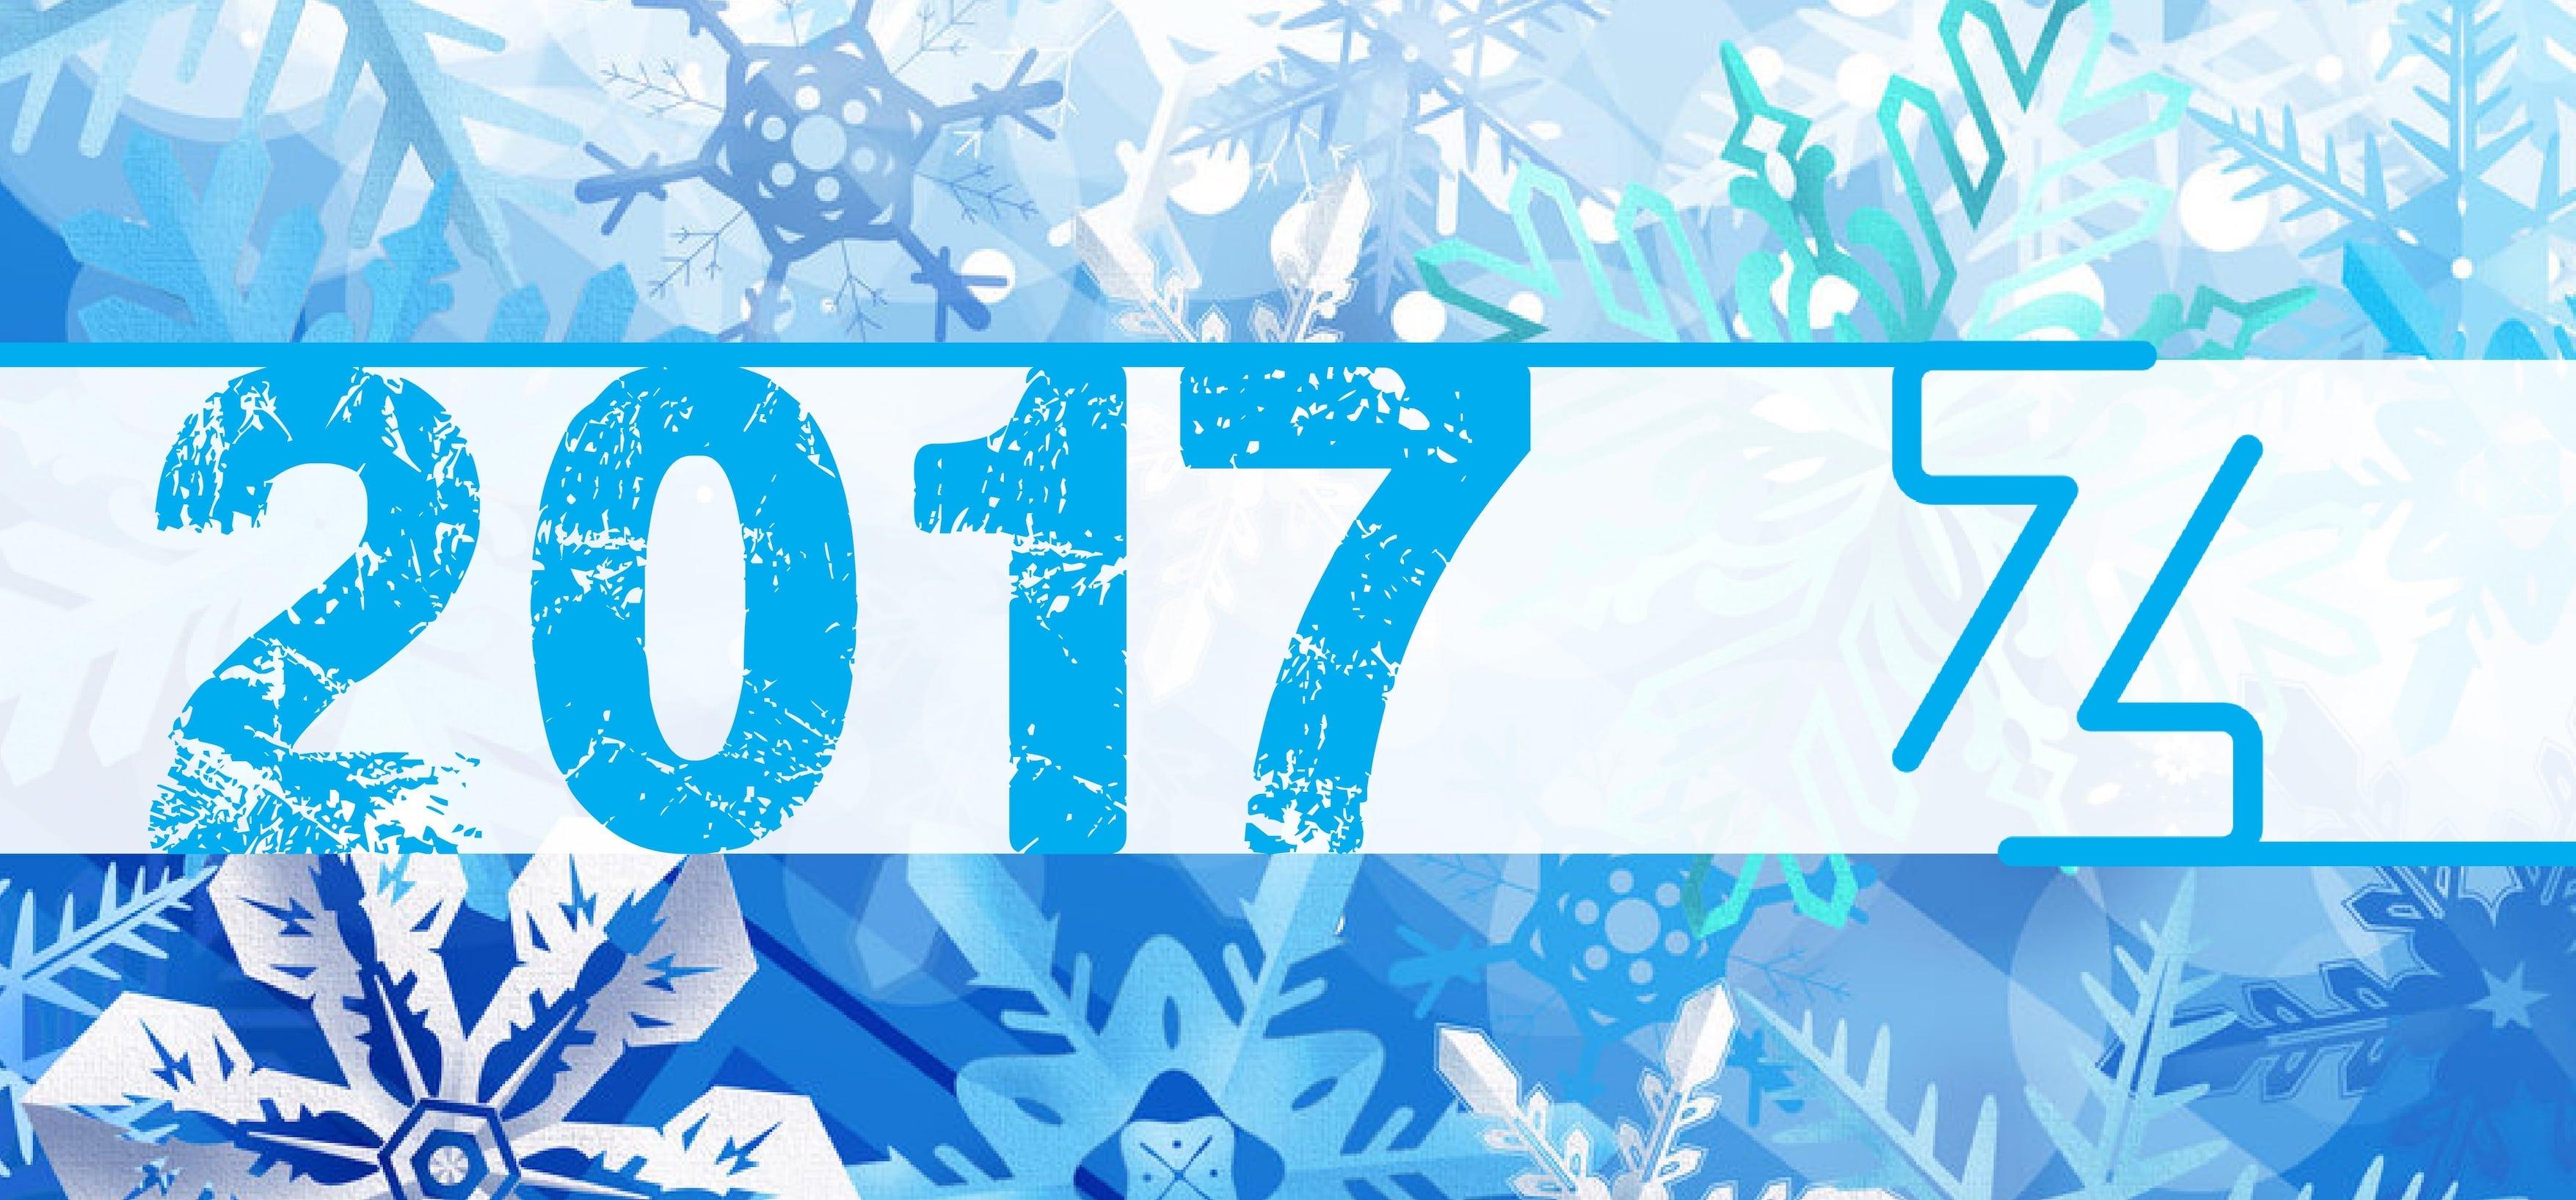 Wij wensen u fijne feestdagen en een gelukkig & succesvol nieuwjaar